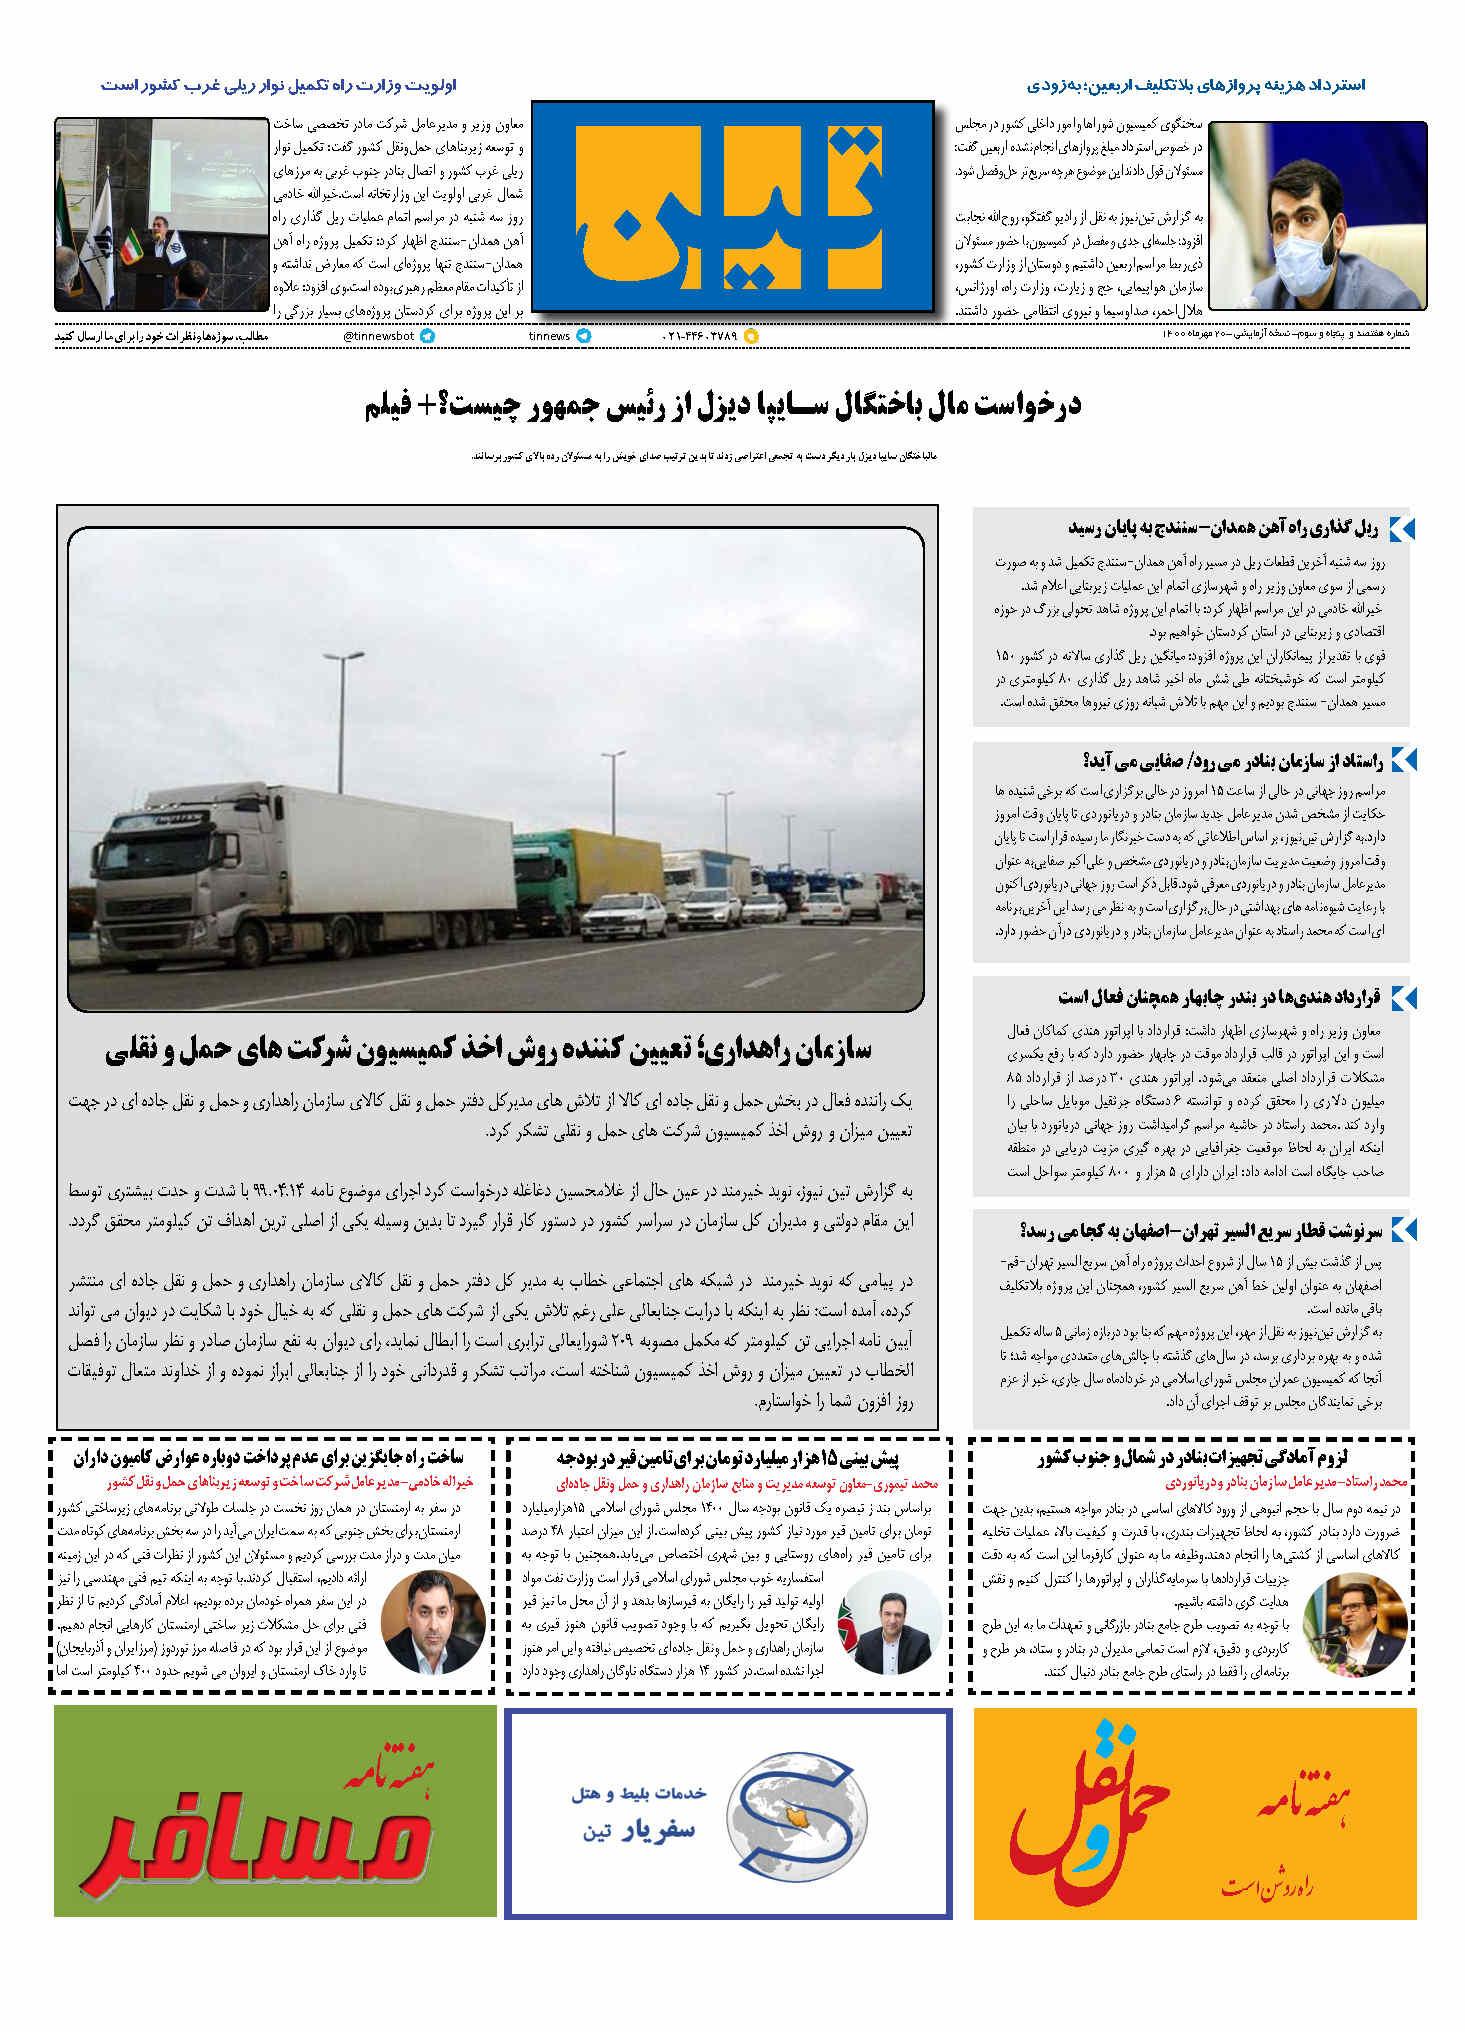 روزنامه الکترونیک 20 مهرماه 1400